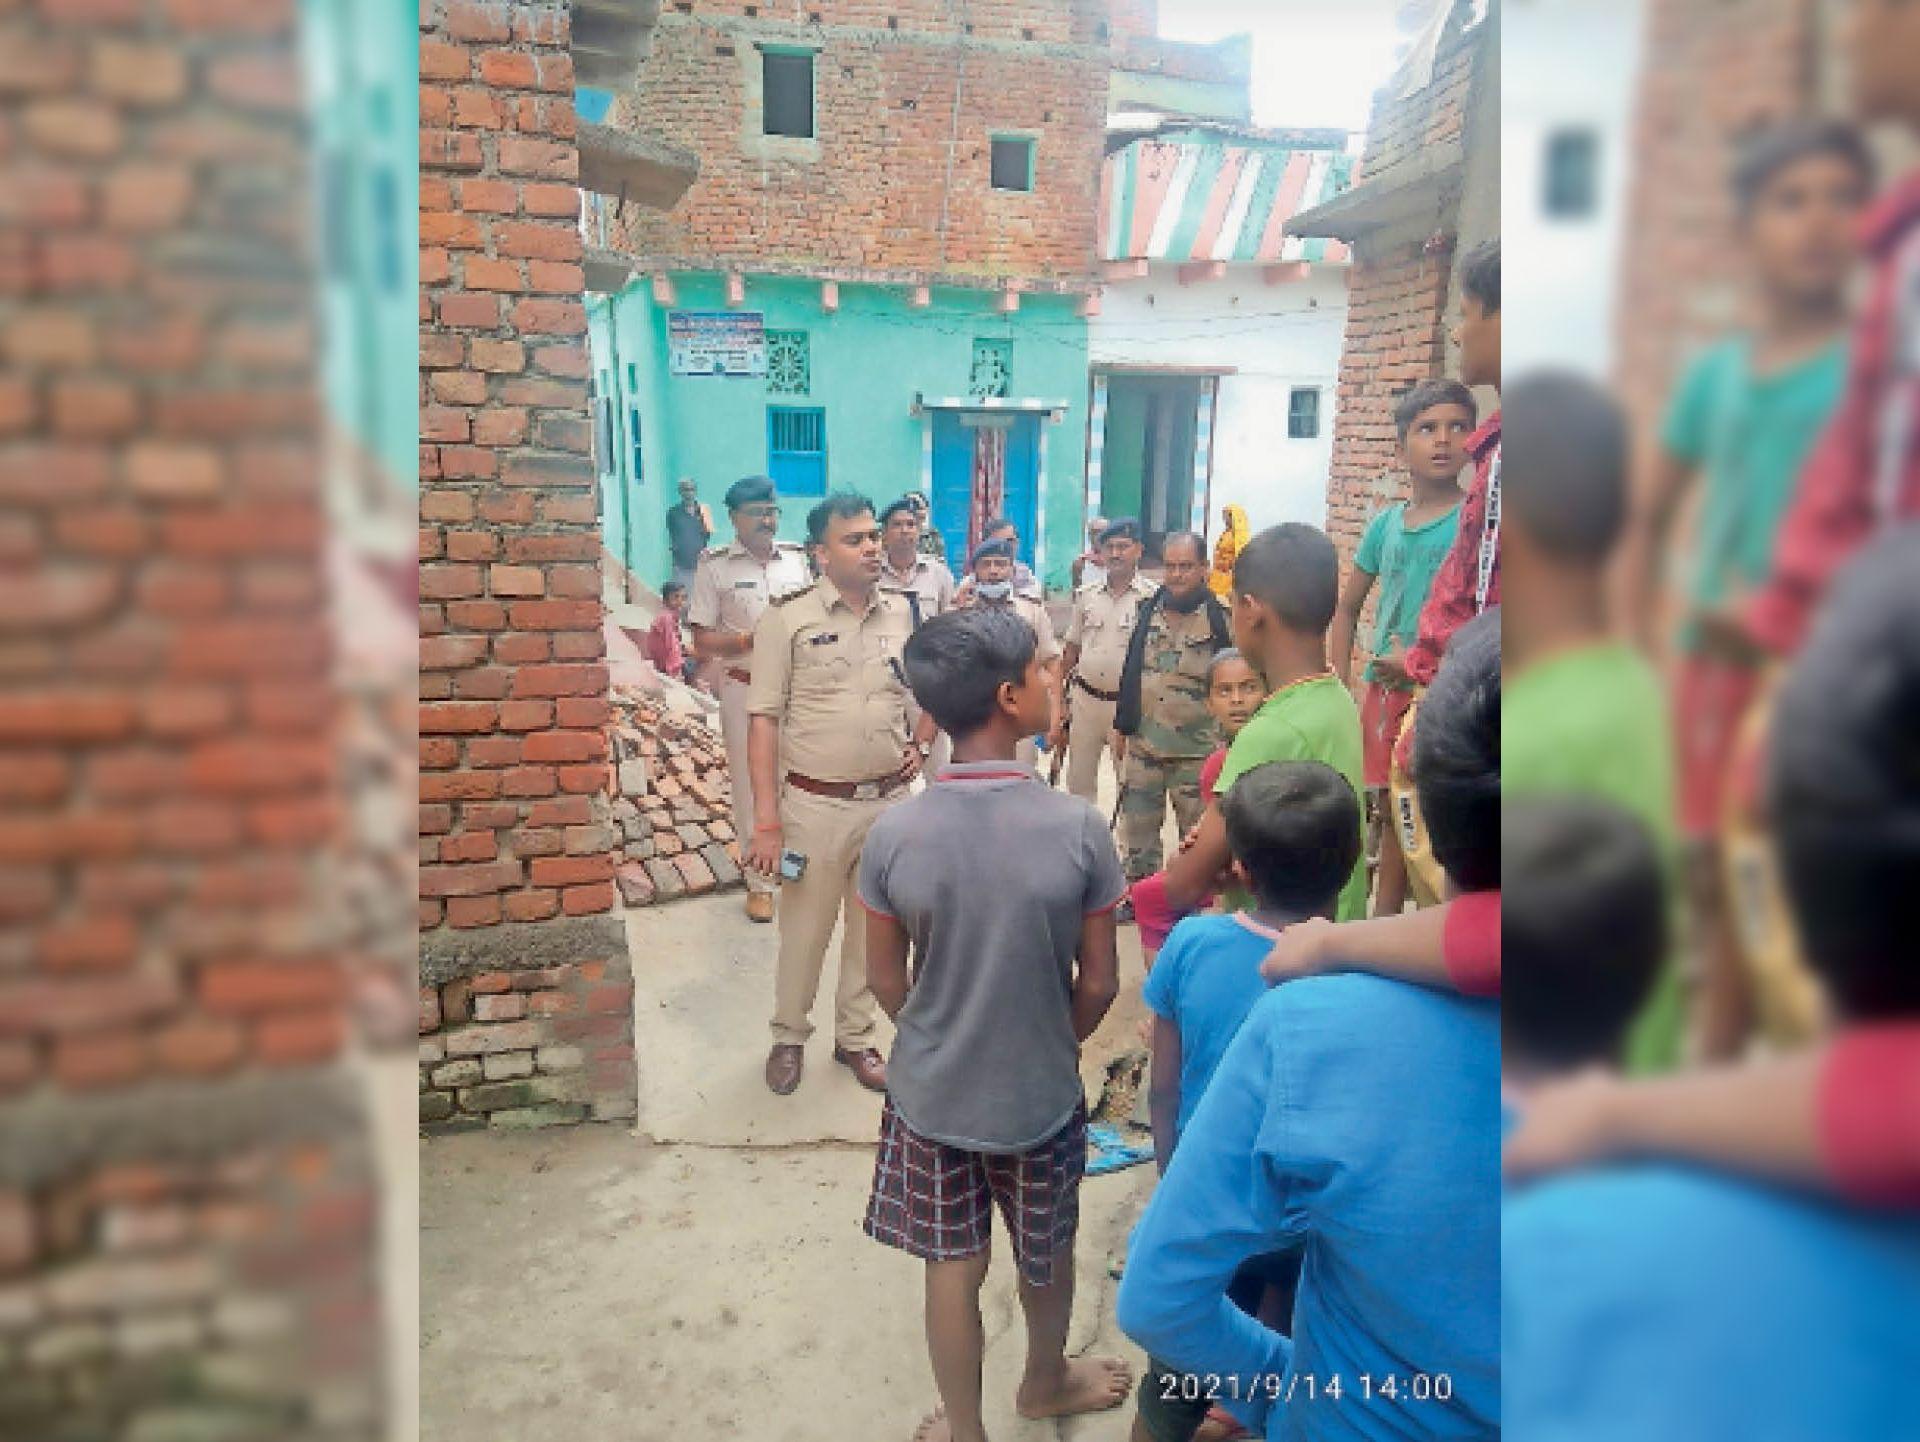 जेठवार गांव में महिला के मौत के बाद जांच में जुटी पुलिस। - Dainik Bhaskar